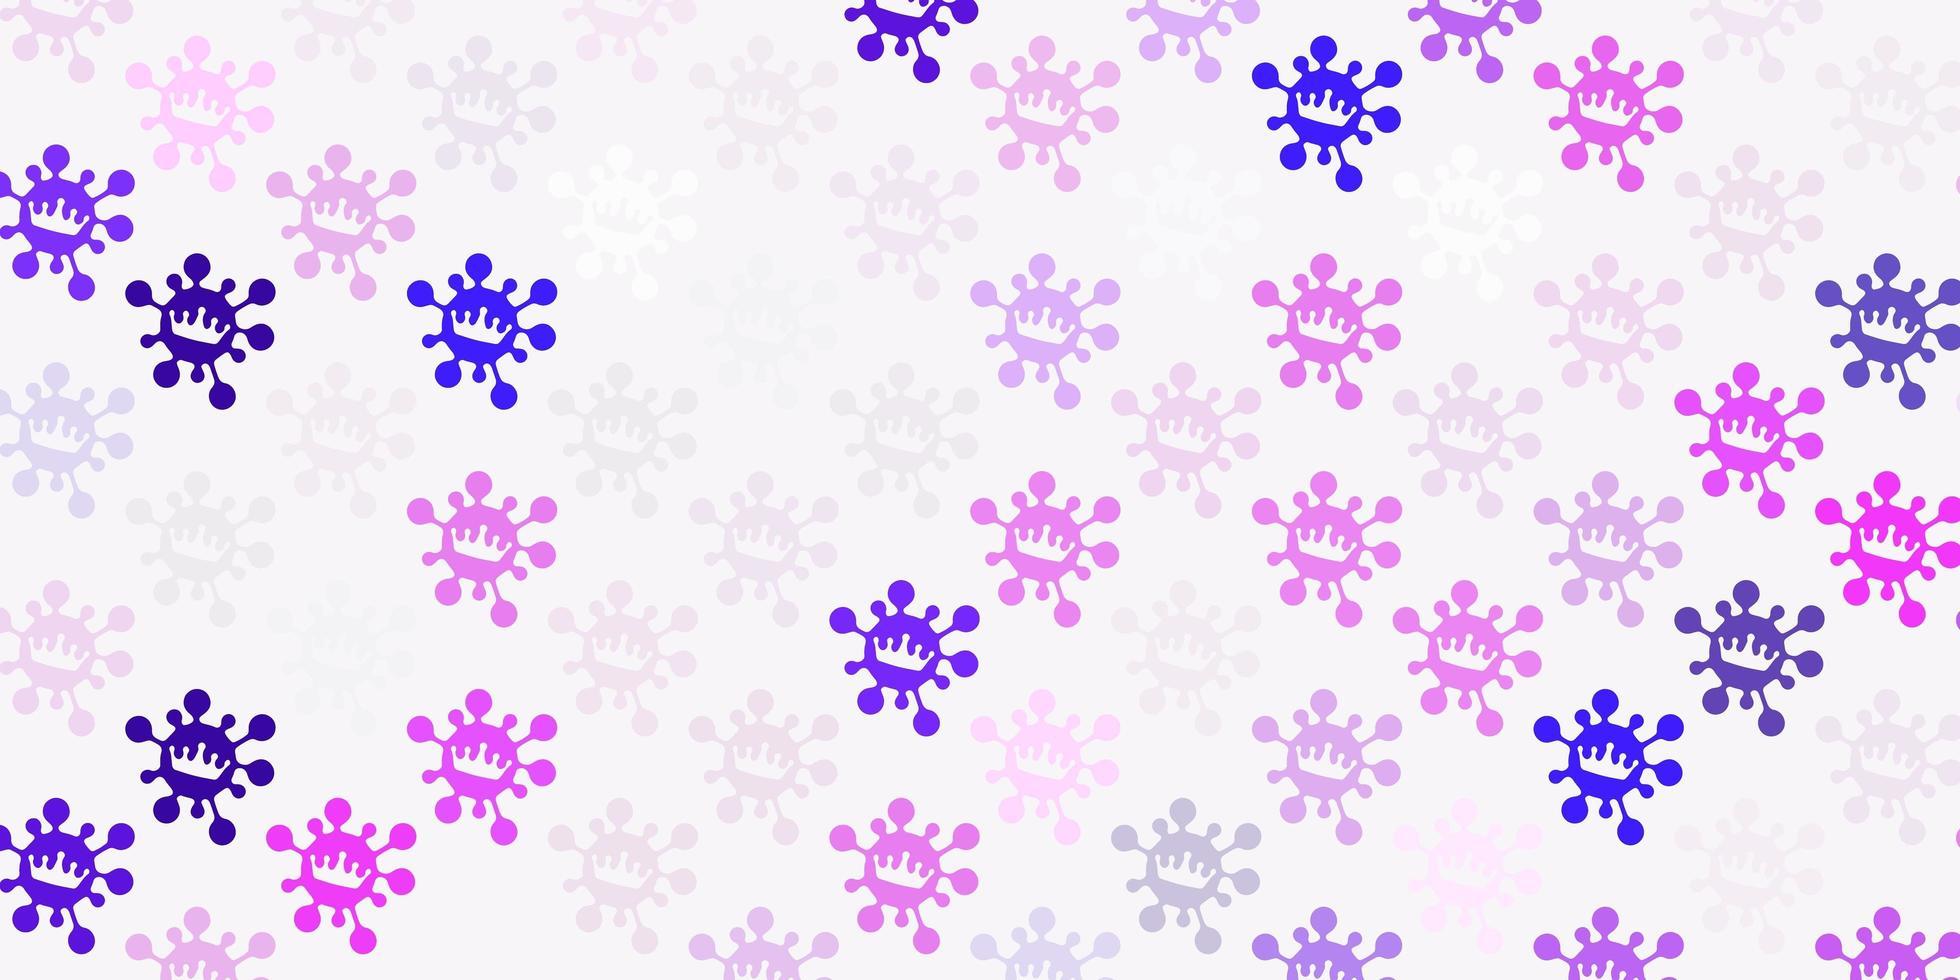 modèle vectoriel violet clair, rose avec des signes de grippe.